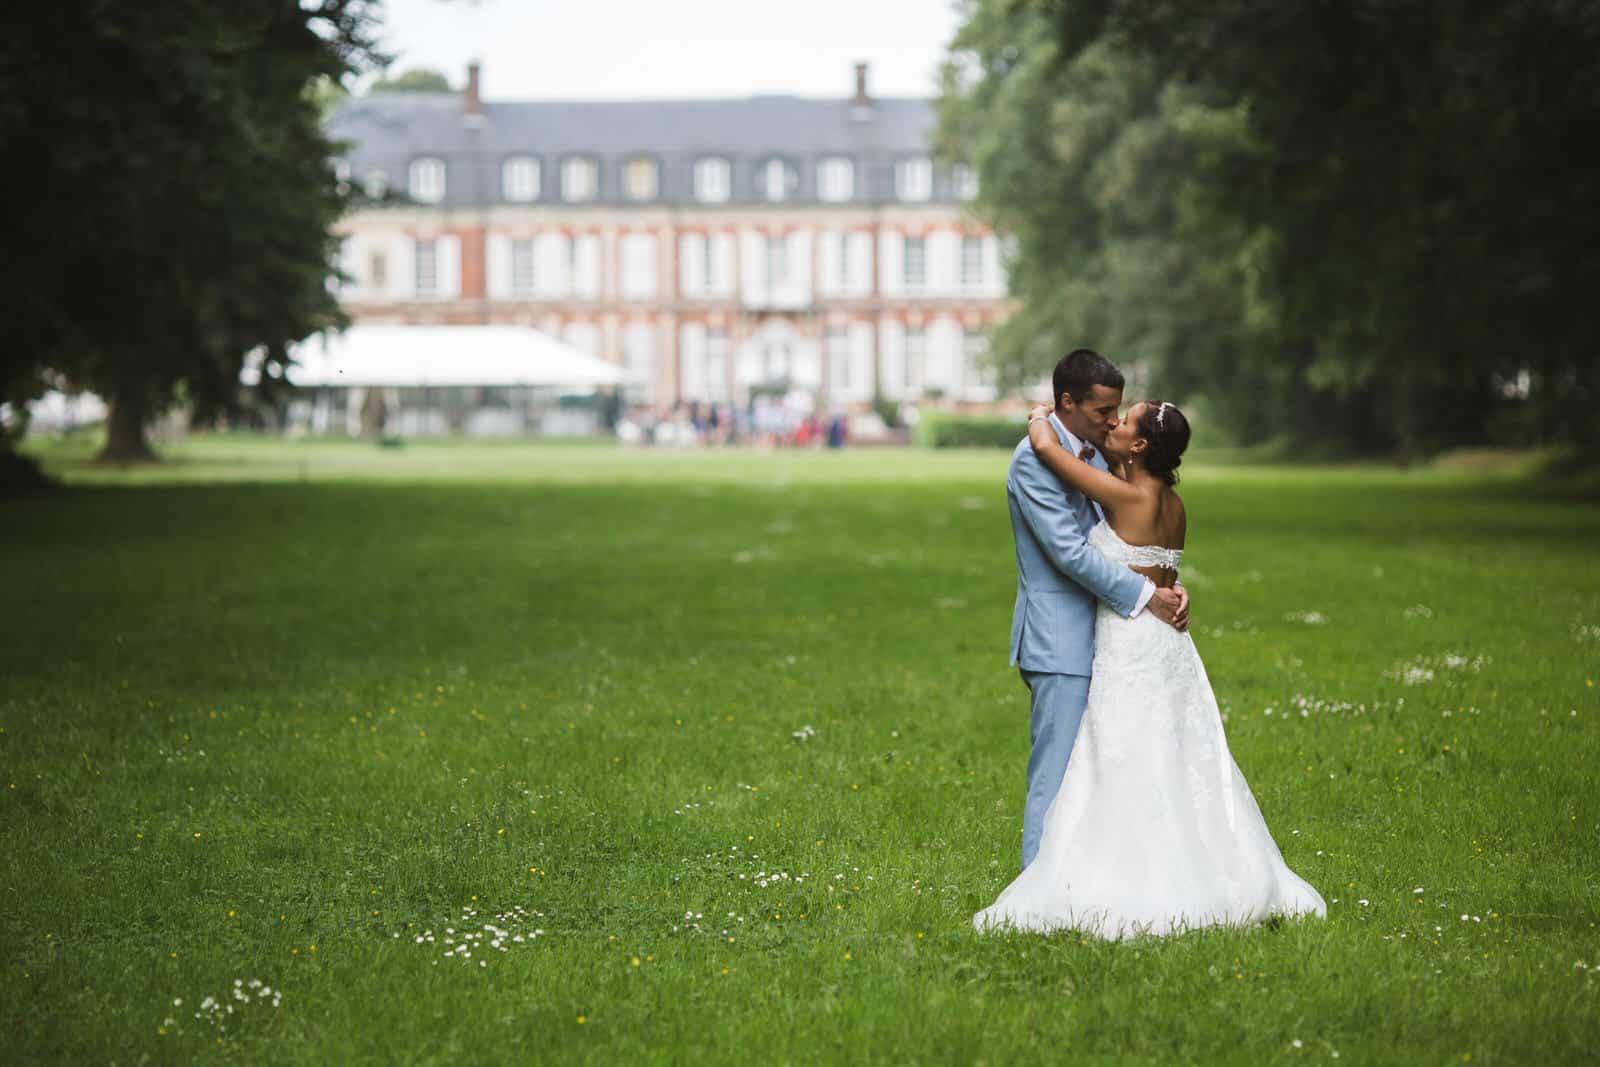 Photographe de boho luxe champêtre en France et dans le monde / DavGemini.com